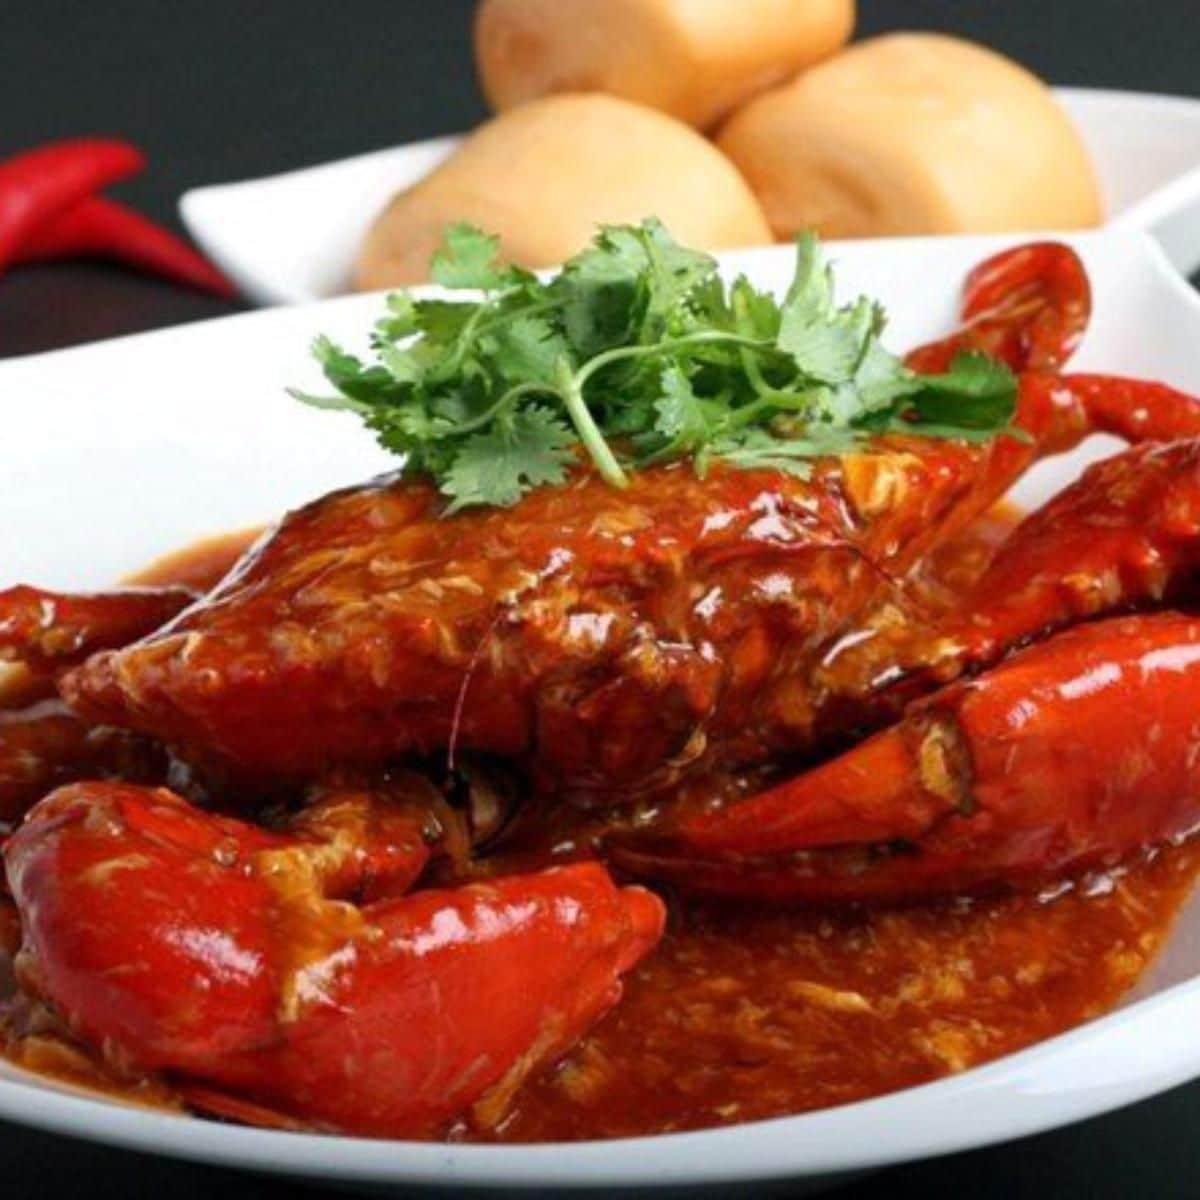 Cua rang me – Đặc sản ẩm thực du lịch Đà Nẵng